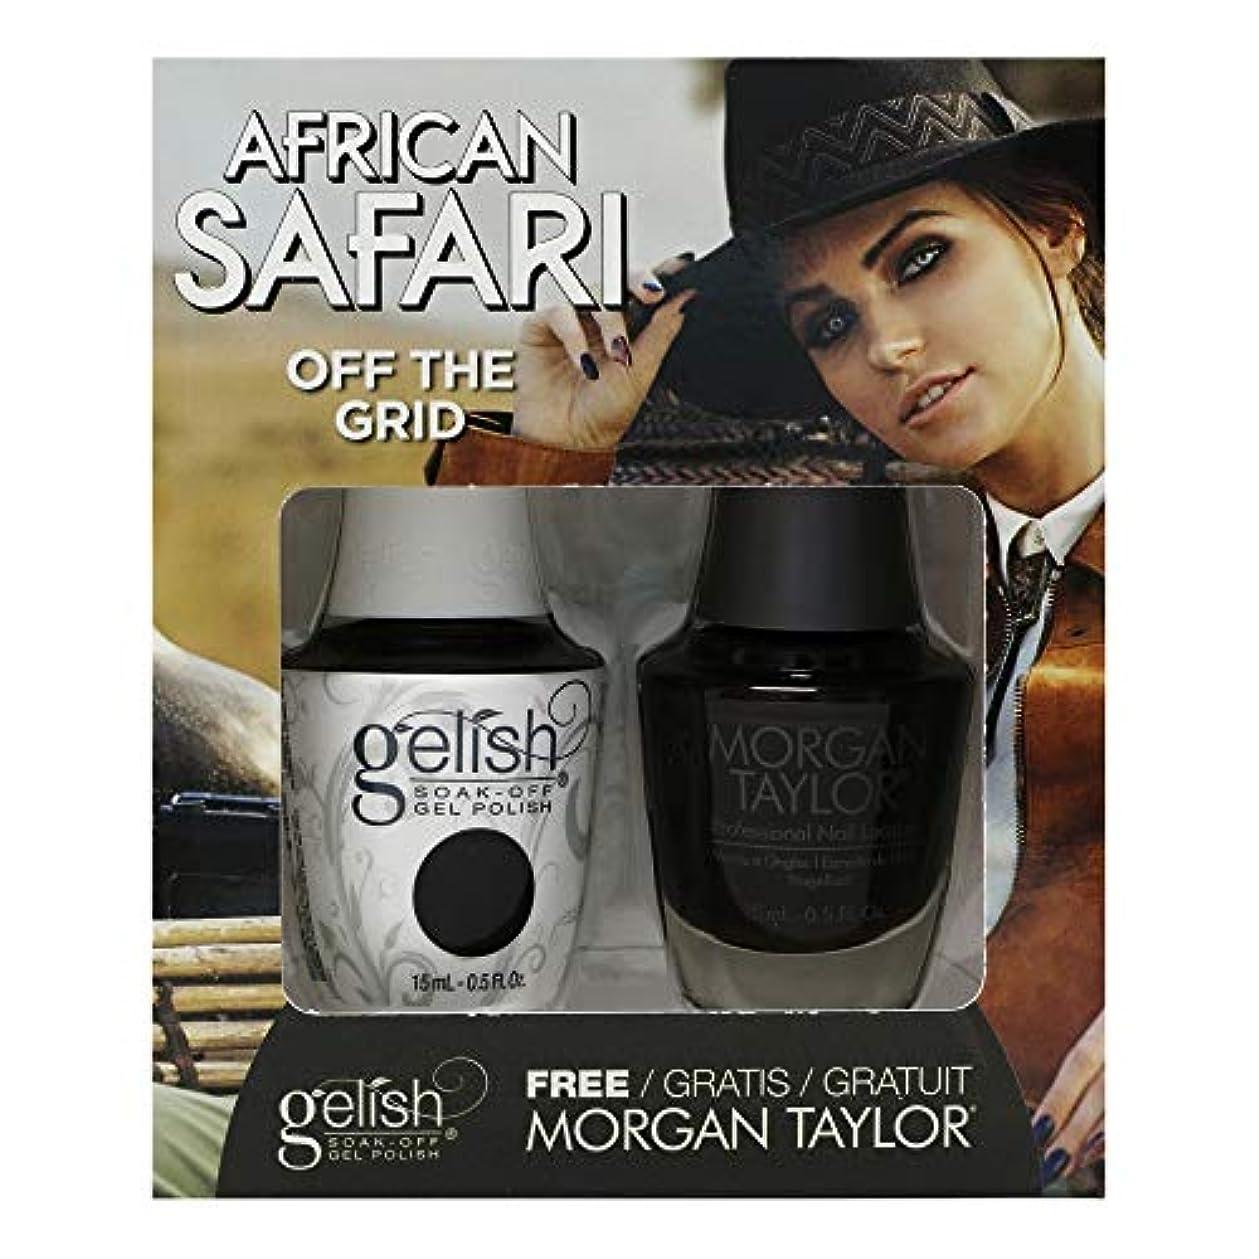 にじみ出るマガジン会社Gelish - Two of a Kind - African Safari Collection - Off The Grid